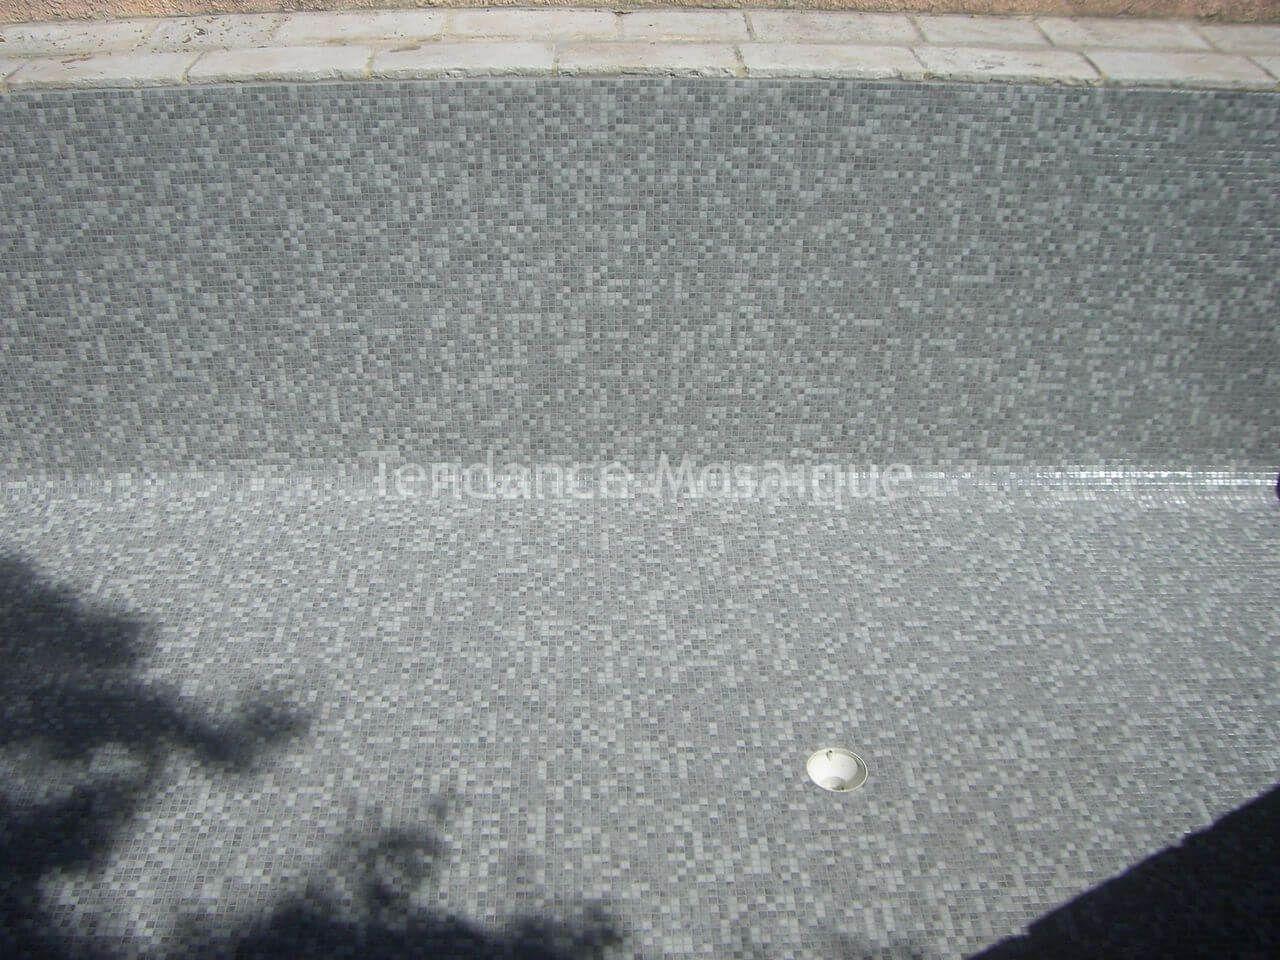 Pose joint epoxy sur mosaique de piscine ezarri kheops for Pose de mosaique de verre